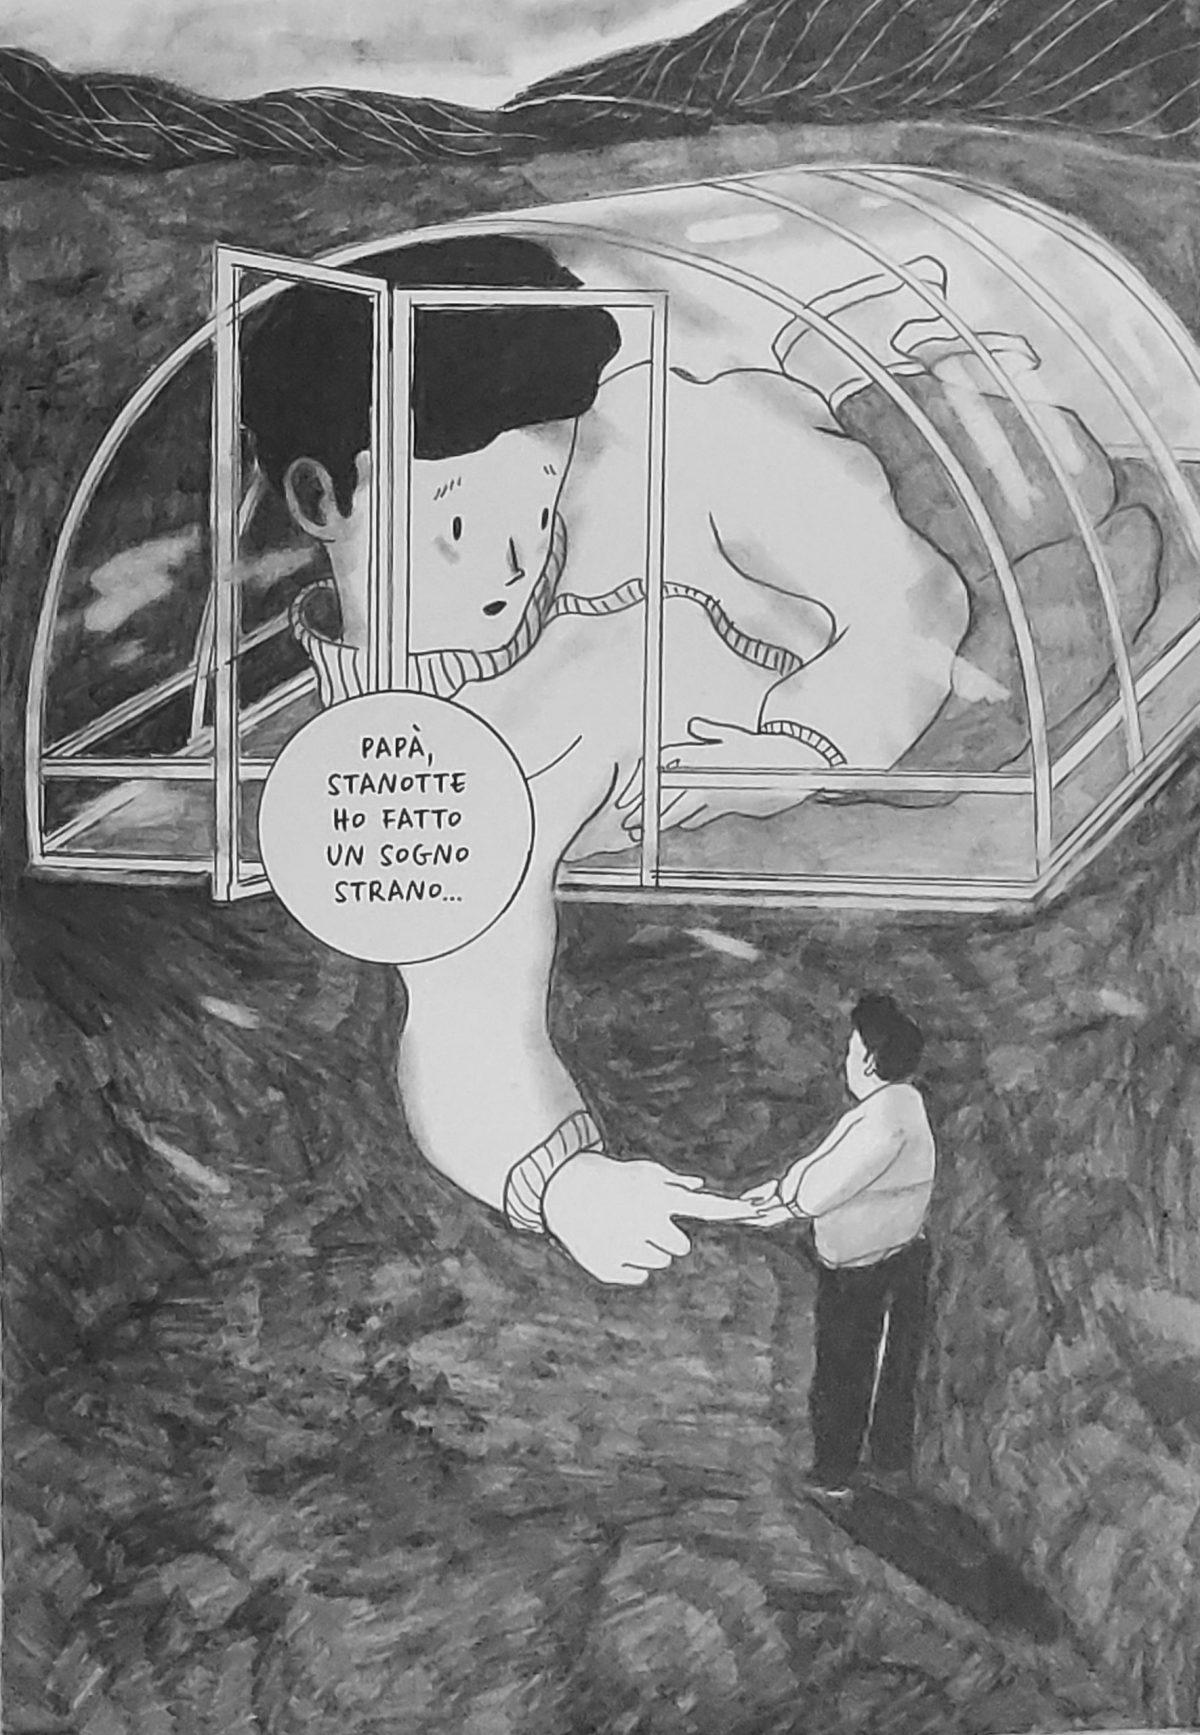 Mio caro fumetto... - Paul nella serra di vetro, uno degli elementi simbolici de La radura